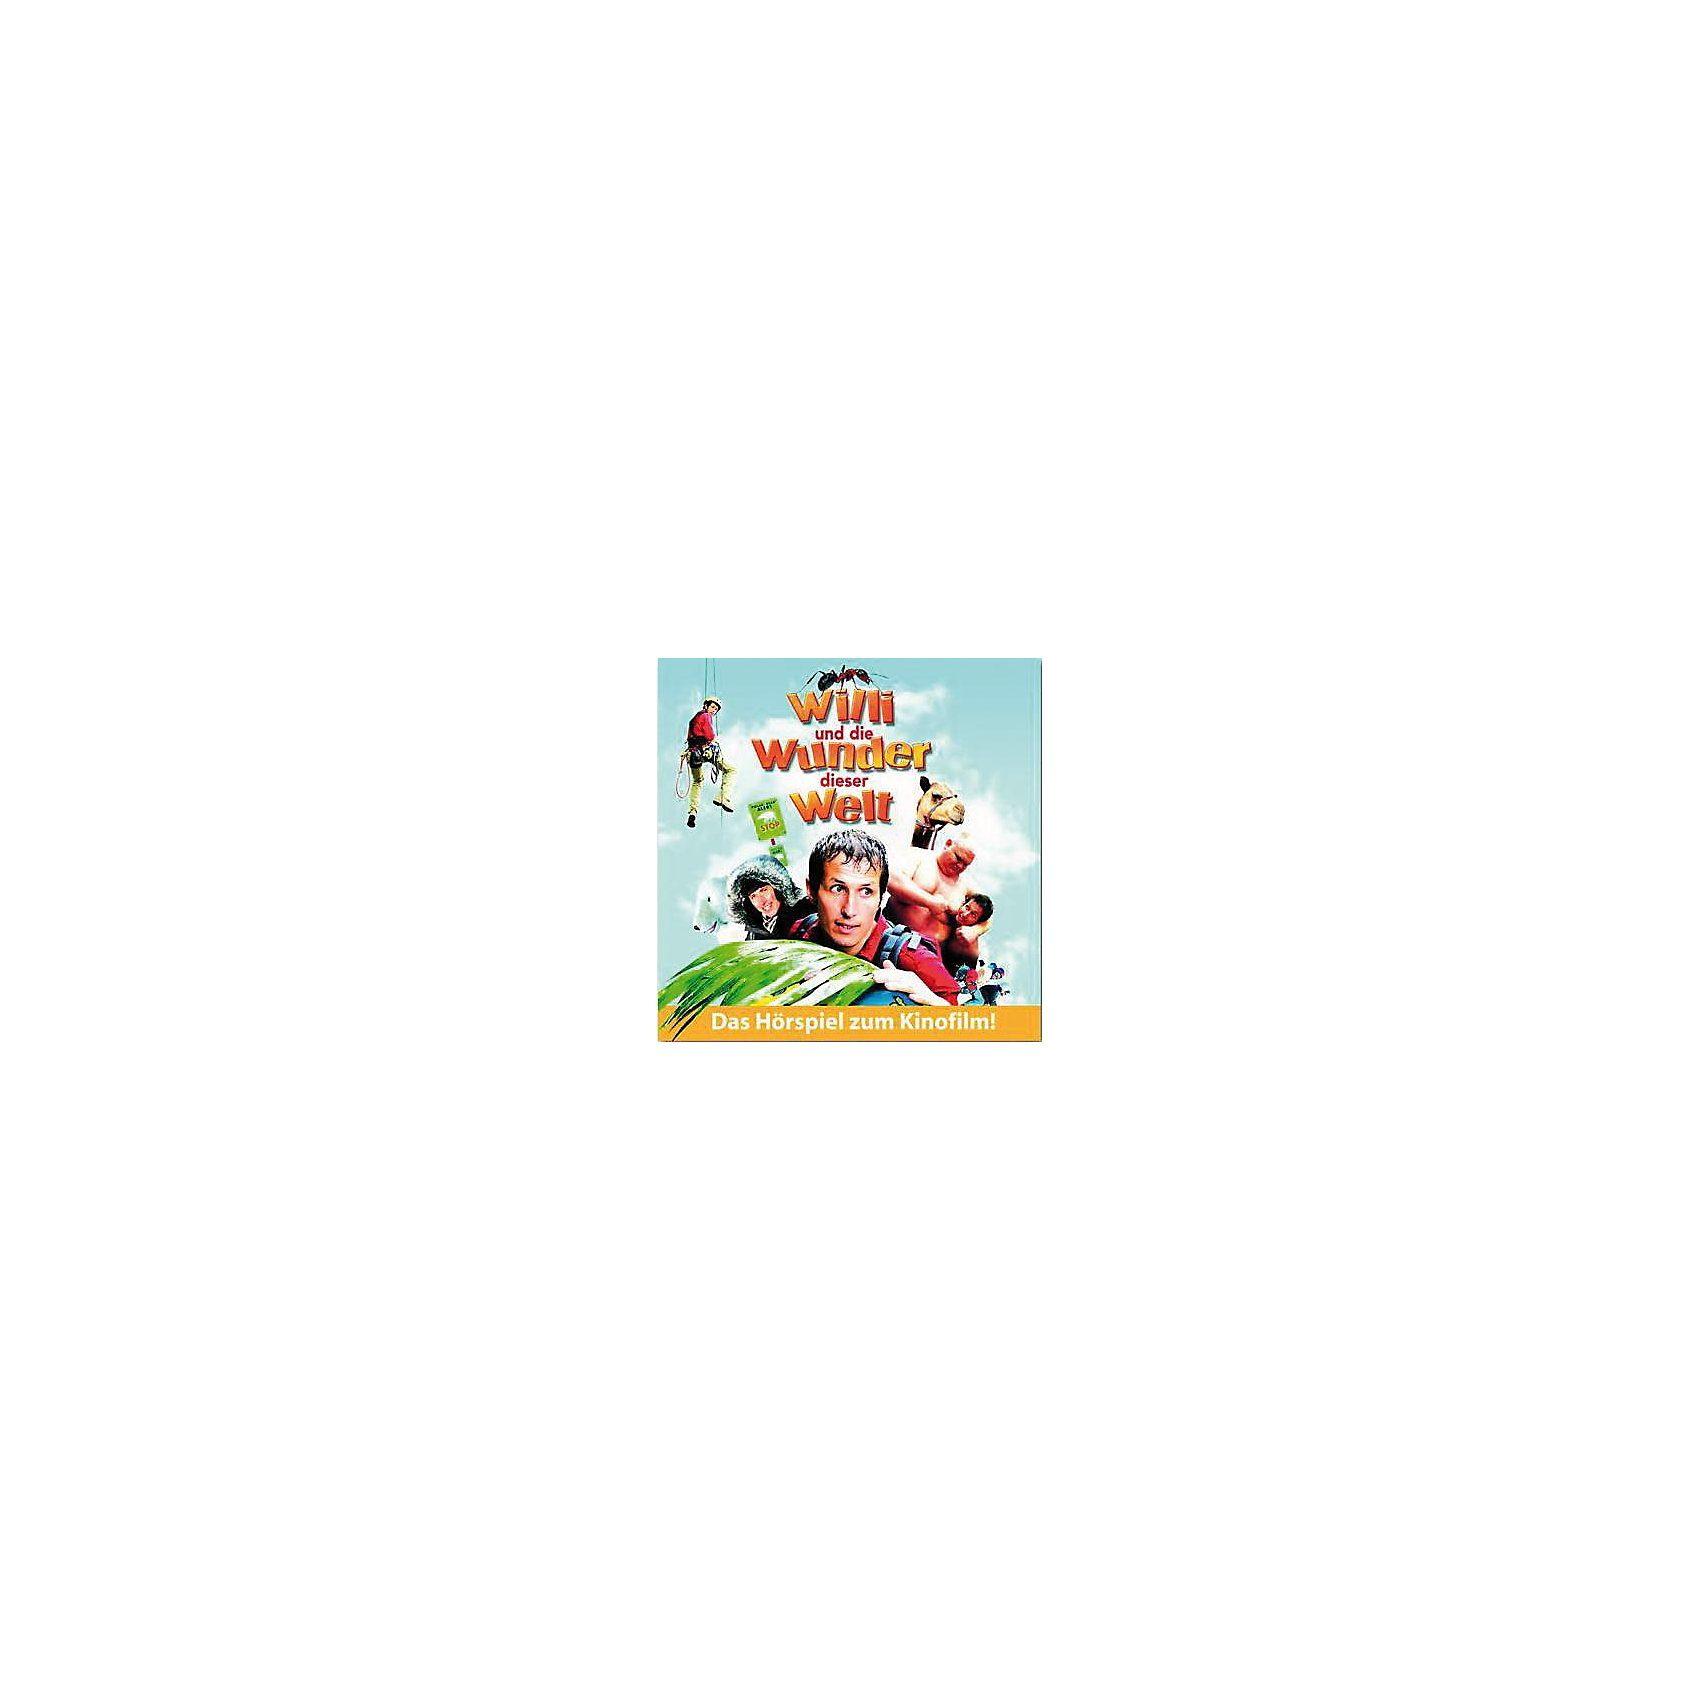 Edel CD Willi und die Wunder dieser Welt - Hörspiel zum Kinofilm